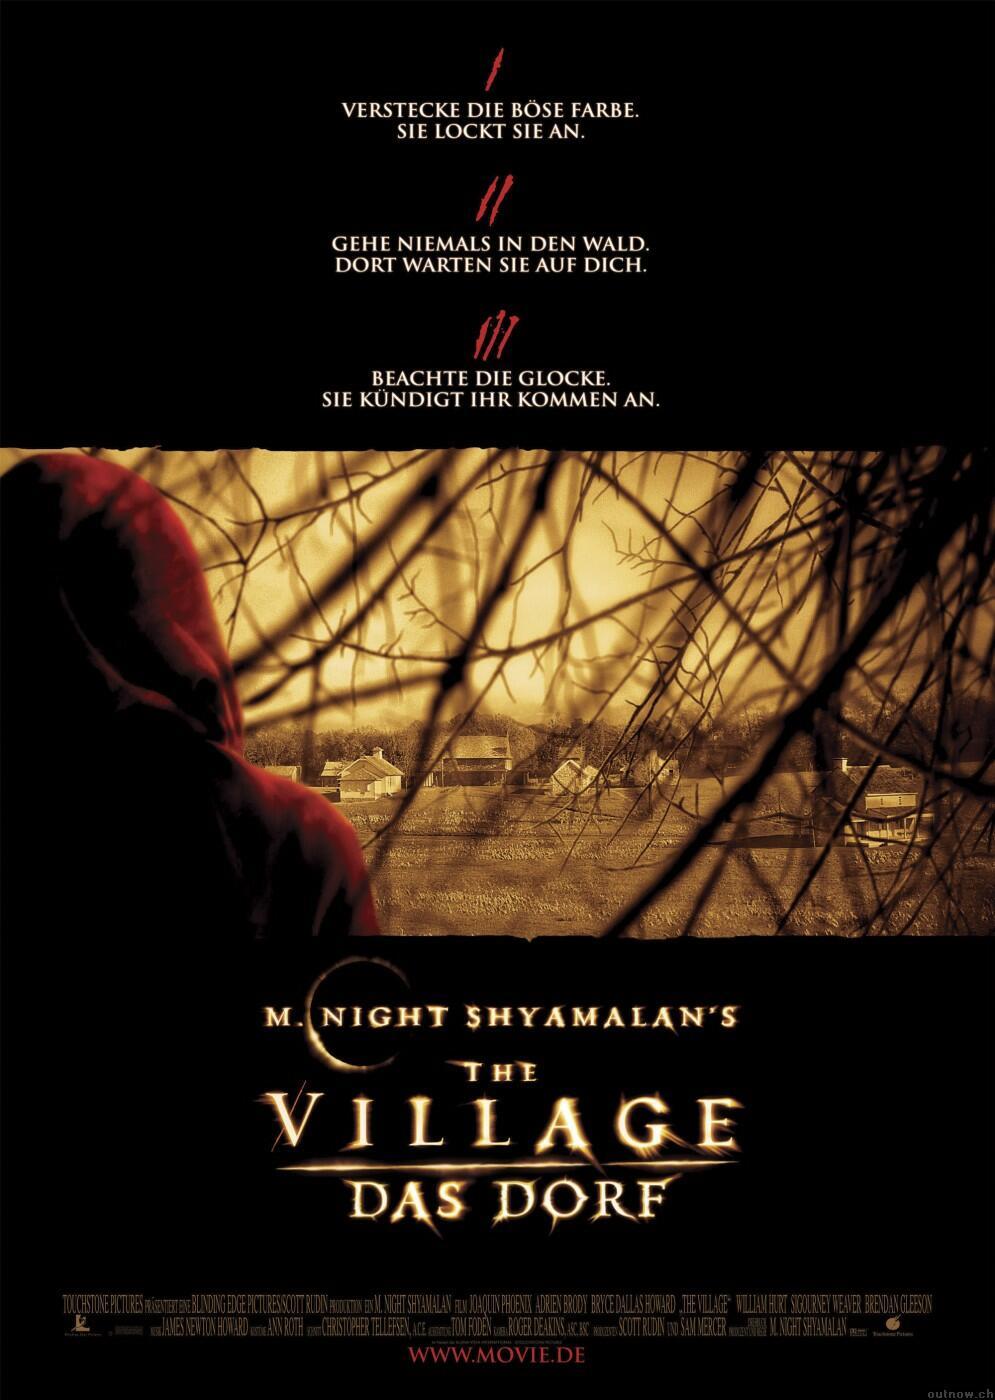 The Village Das Dorf